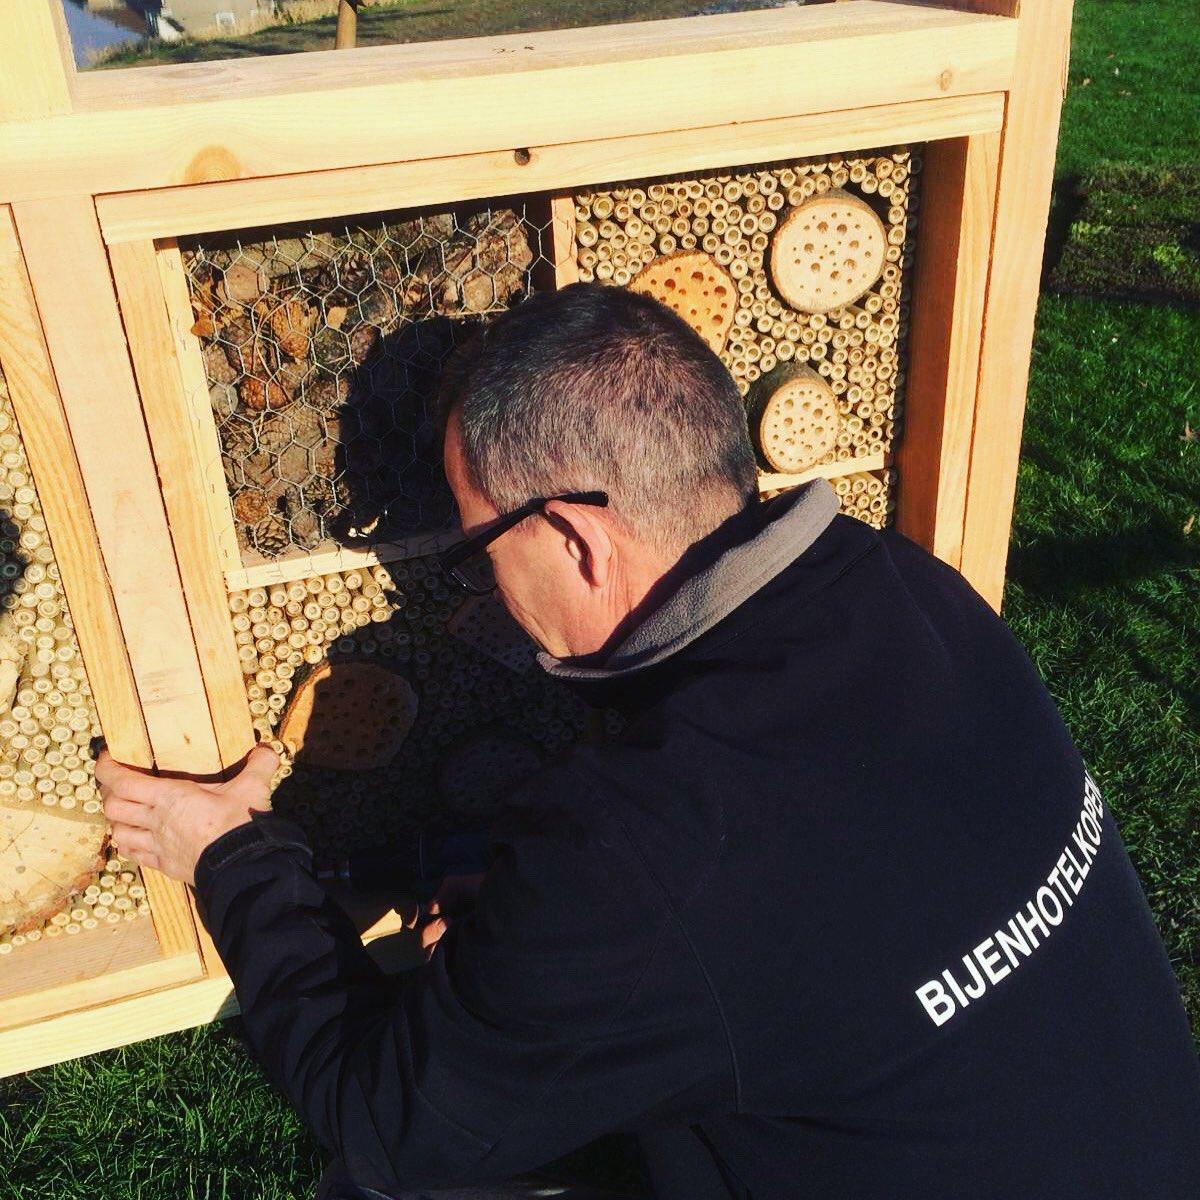 Lekker in de zon, in de frisse buitenlucht, in de mooie Gemeente Moerdijk een professioneel bijenhotel plaatsen. Dat is fijn werken!   #weloveourjob #bijenhotel #bijen #nederlandzoemt #moerdijk #bestuivers #natuur #biodiversiteit pic.twitter.com/EDFmuon79L